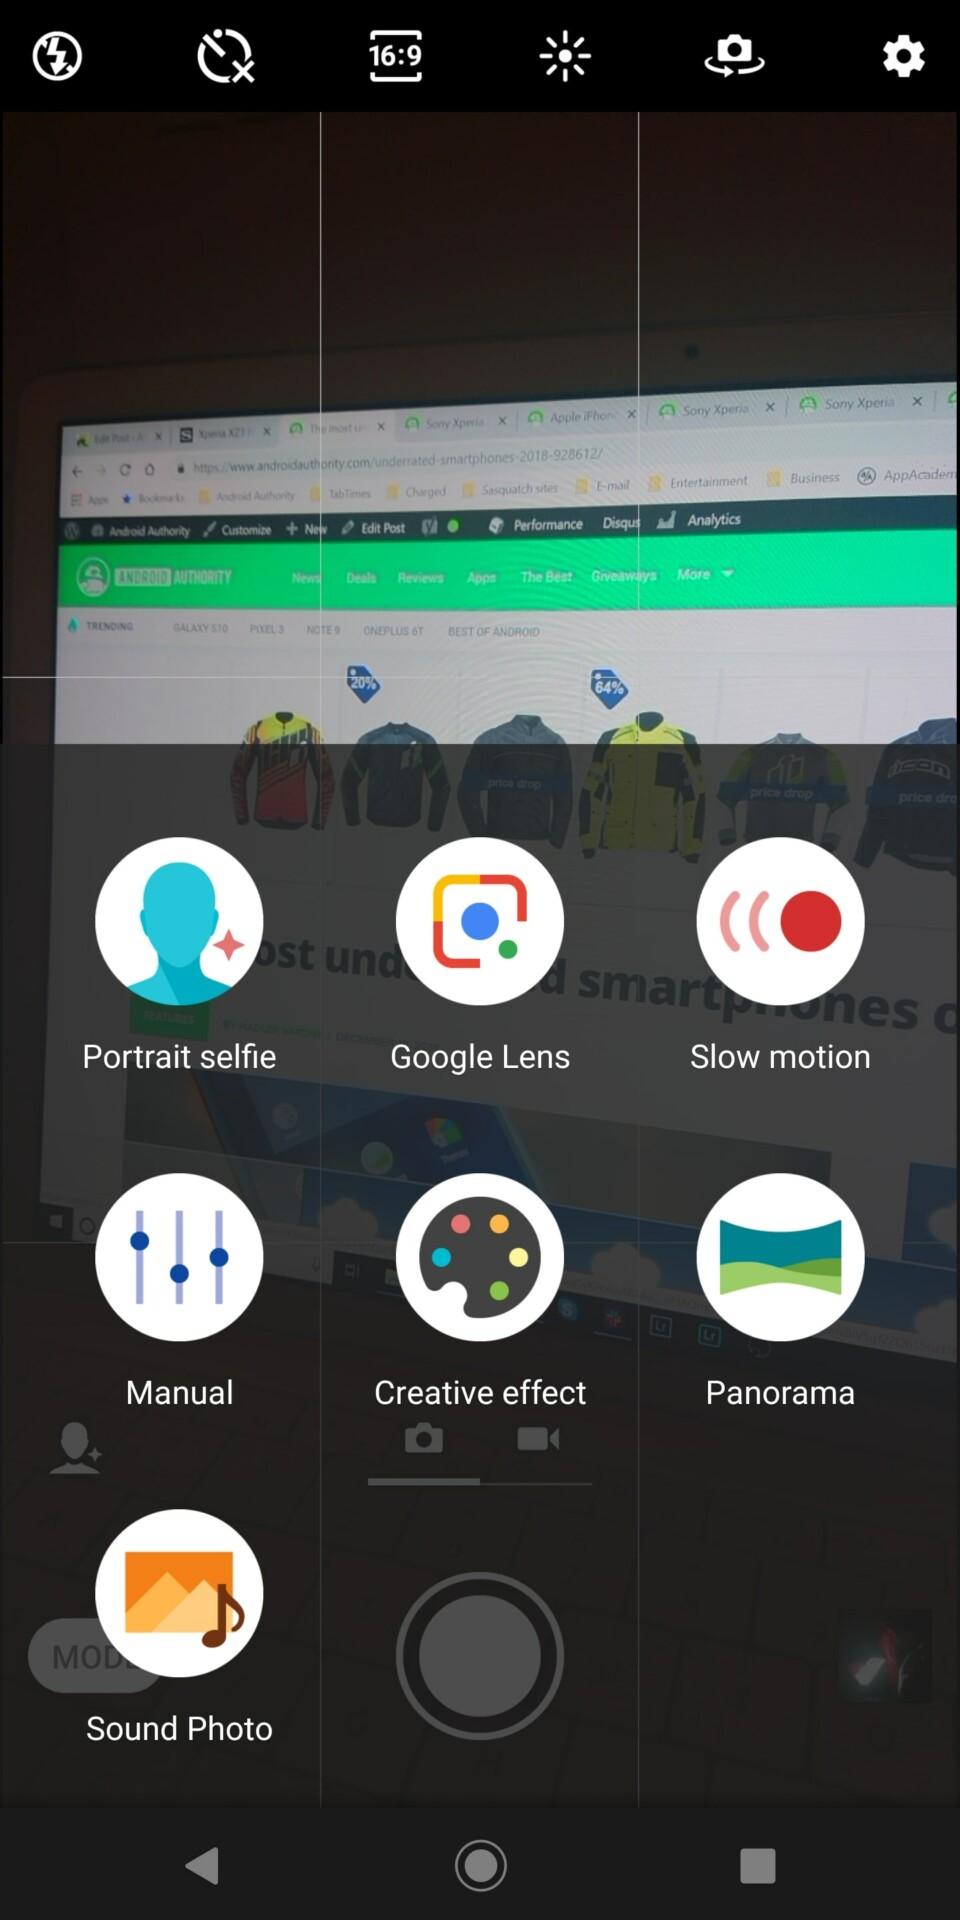 Sony Xperia XZ3 camera app screenshot 4